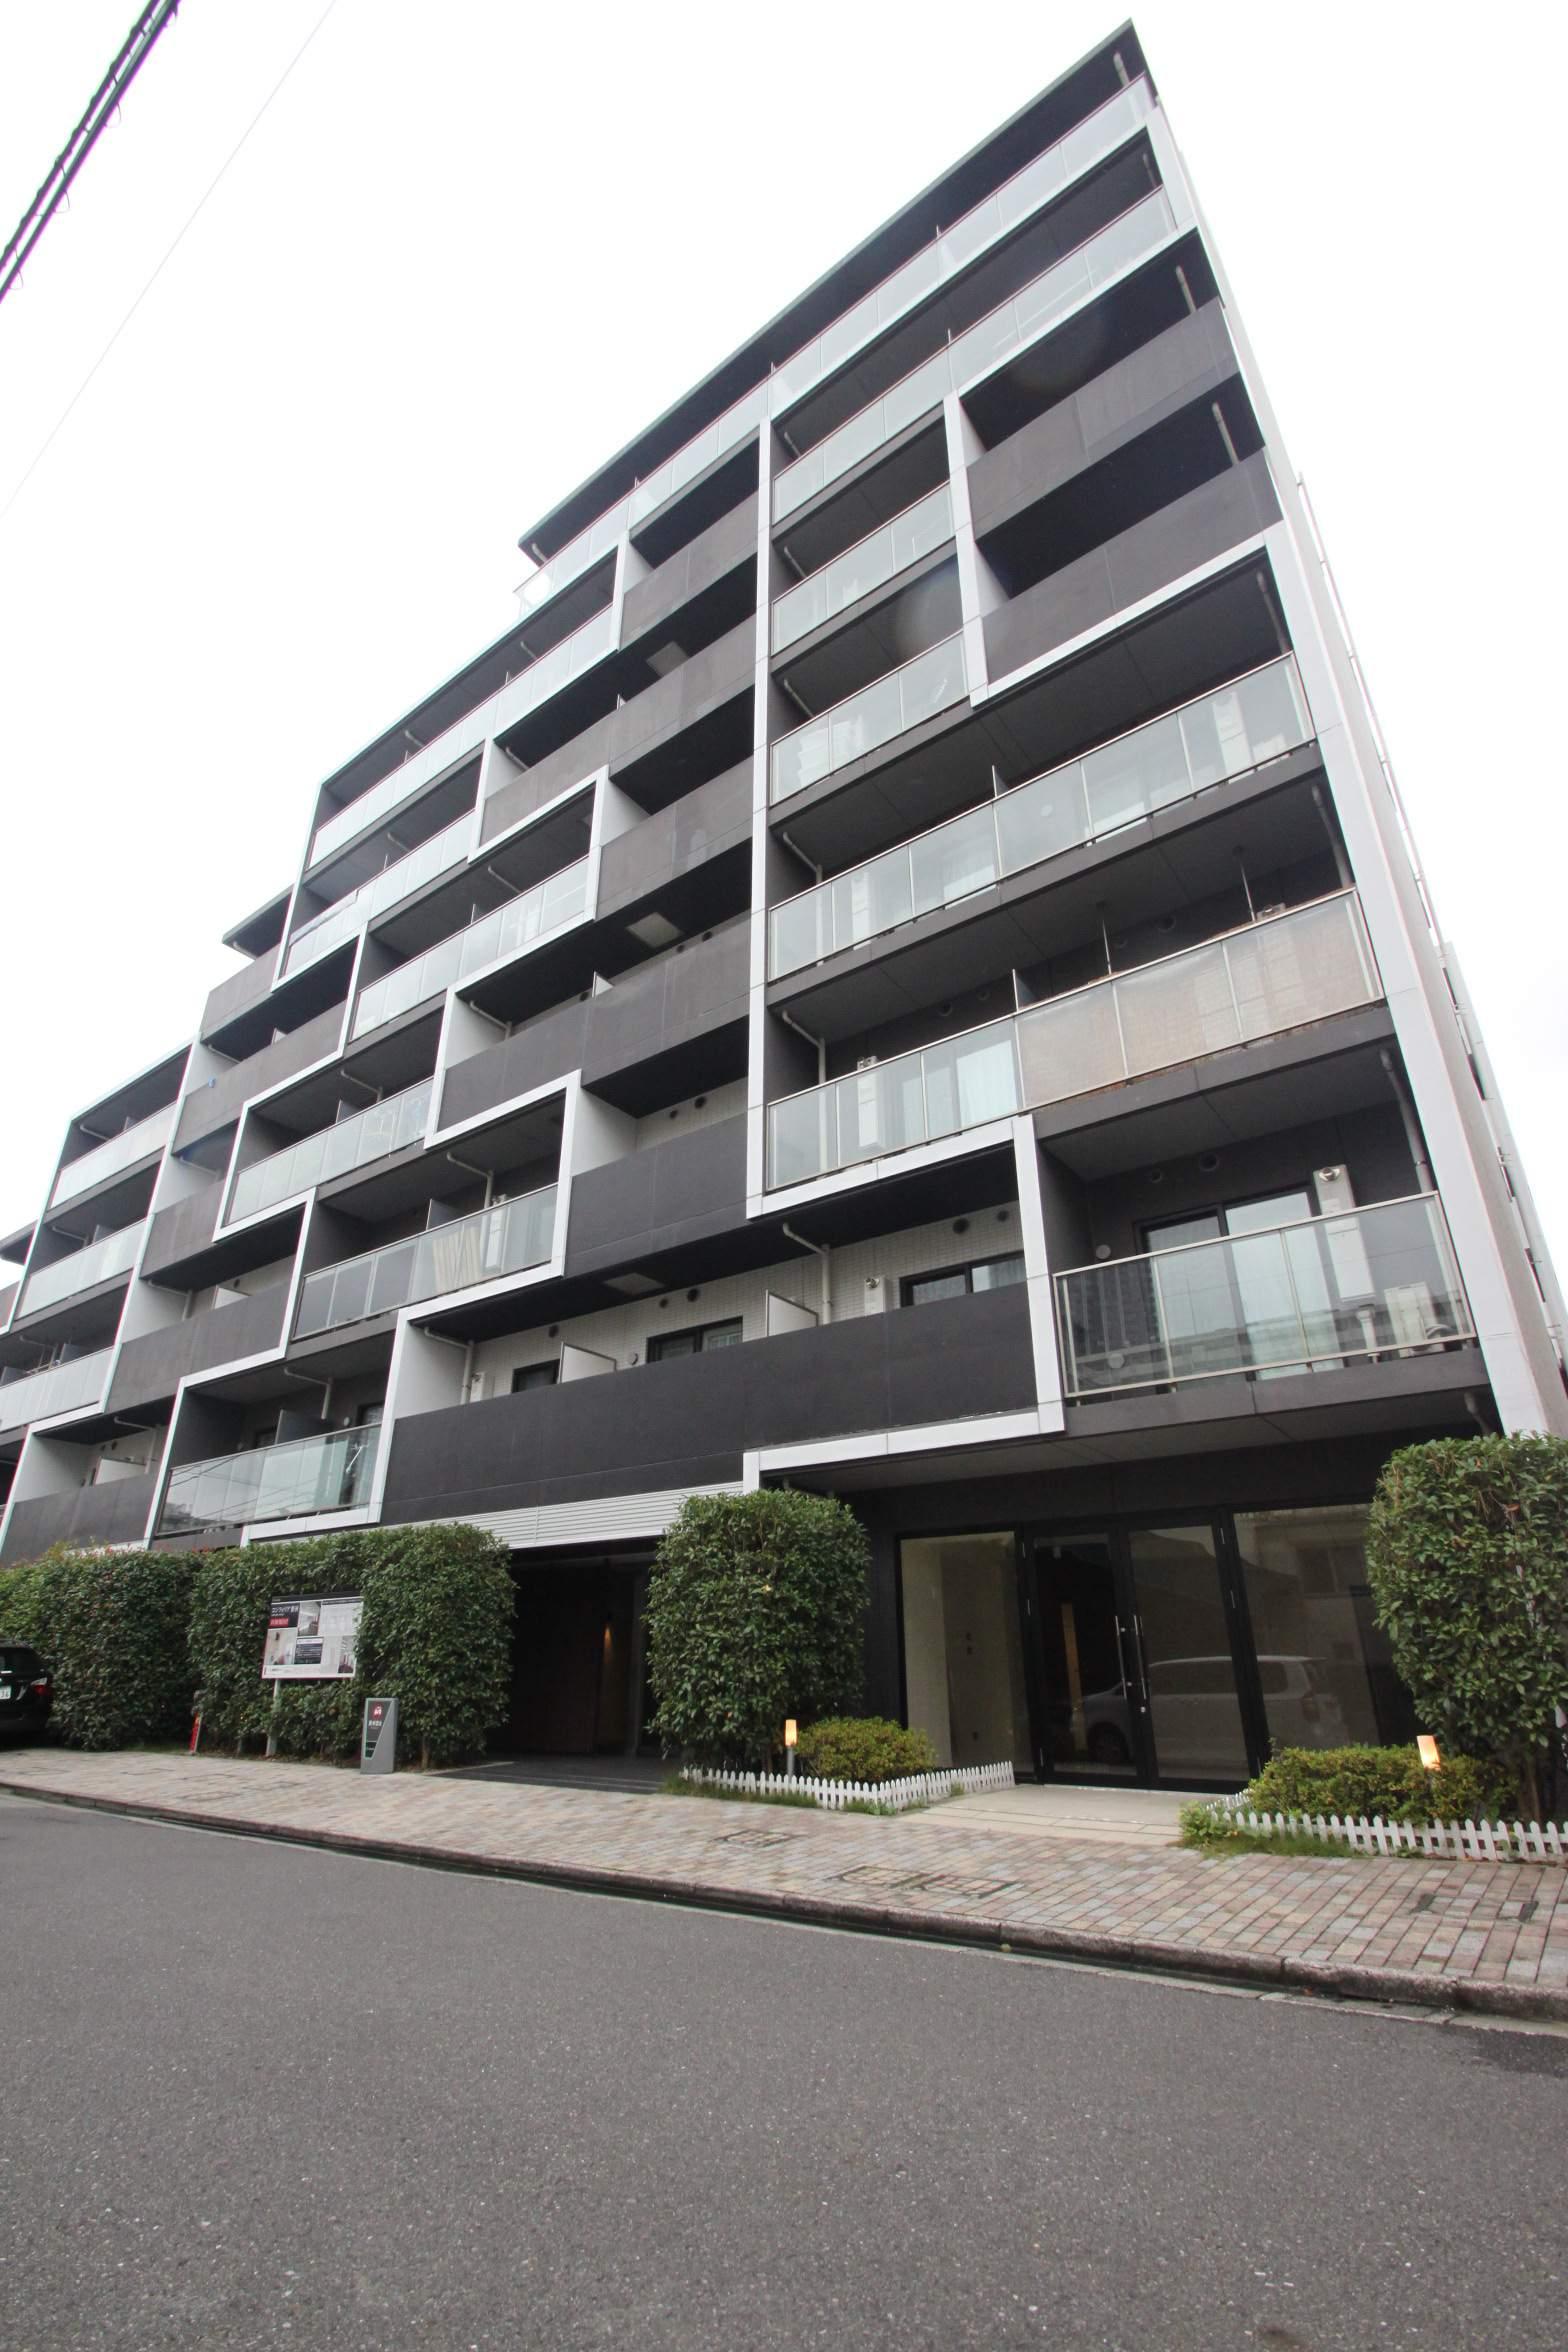 東京都江東区、越中島駅徒歩18分の築8年 9階建の賃貸マンション